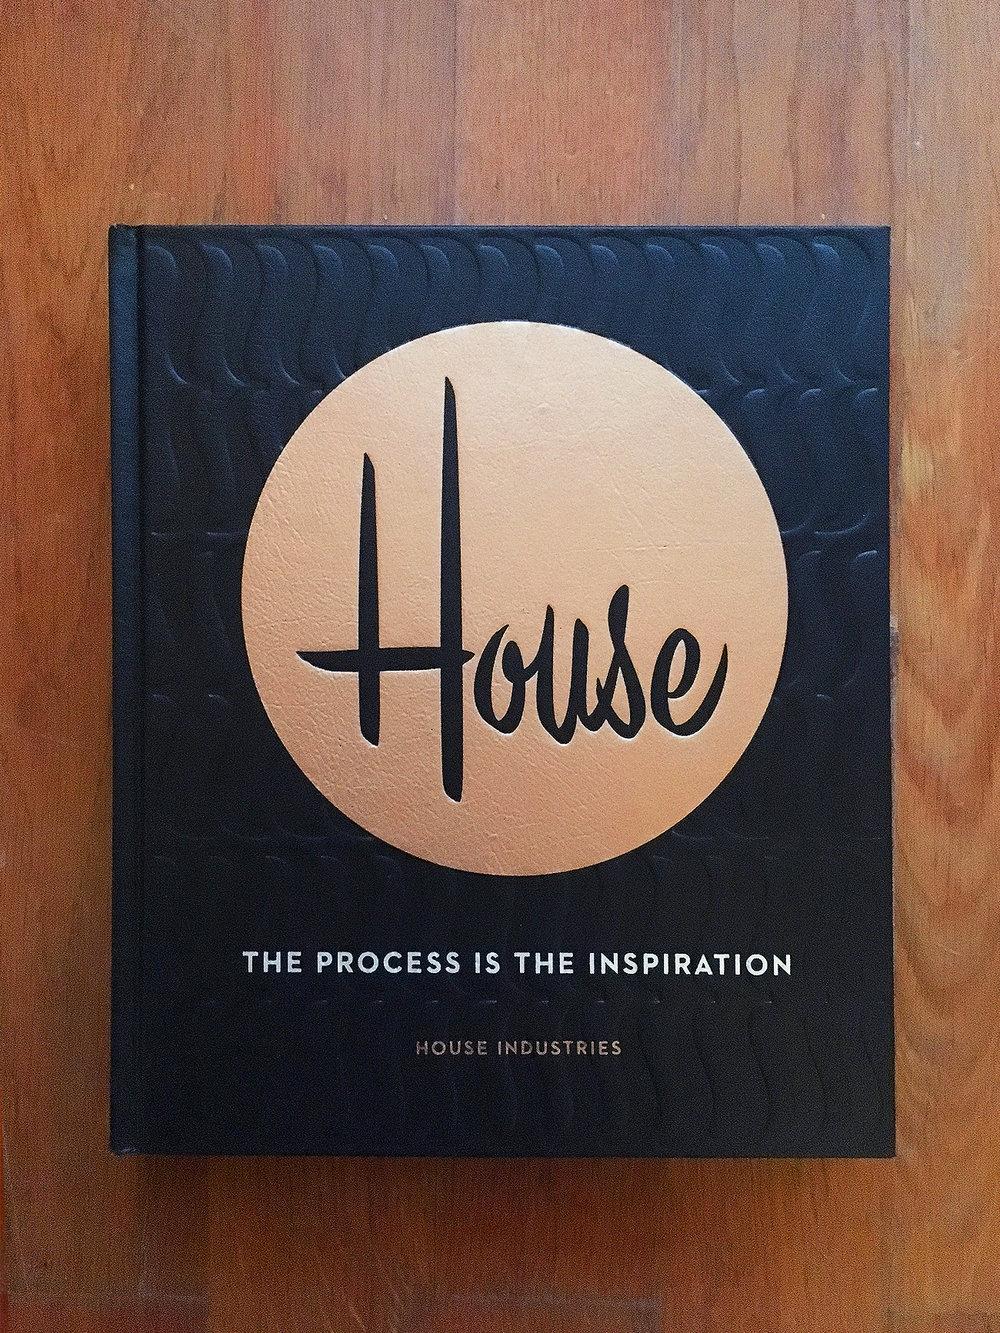 hhouse.jpg